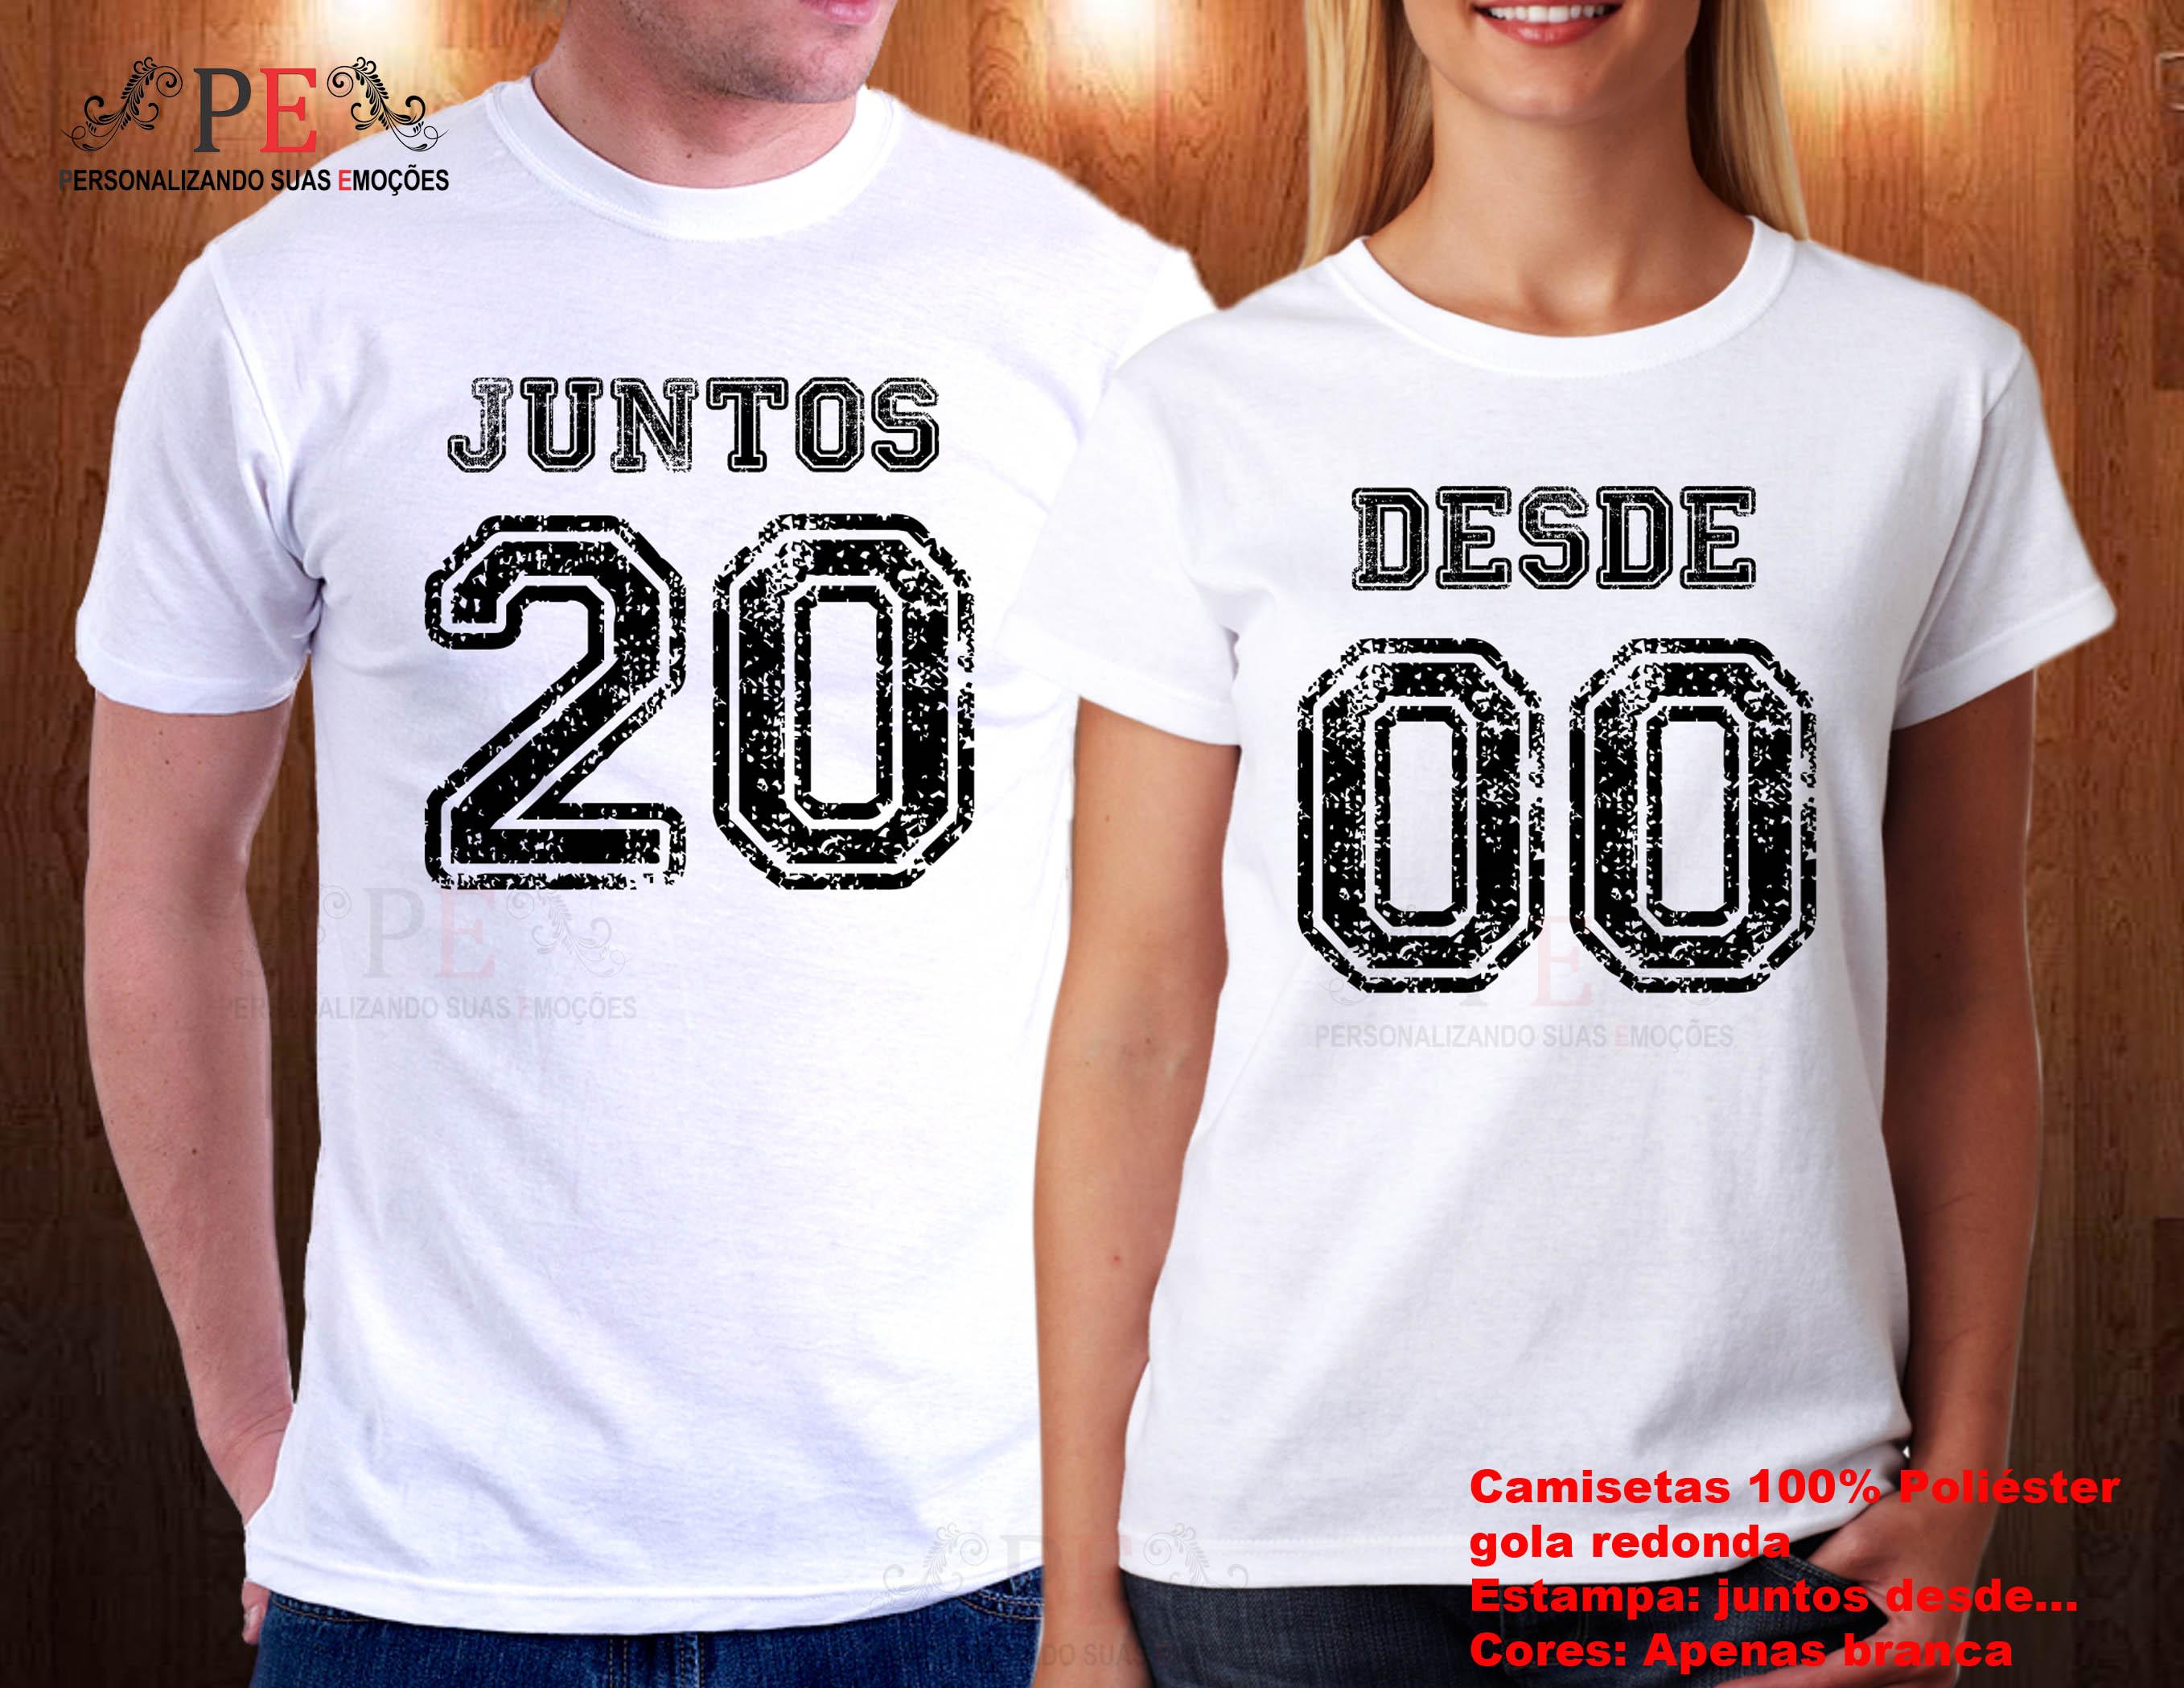 Estamparia de camisetas online dating